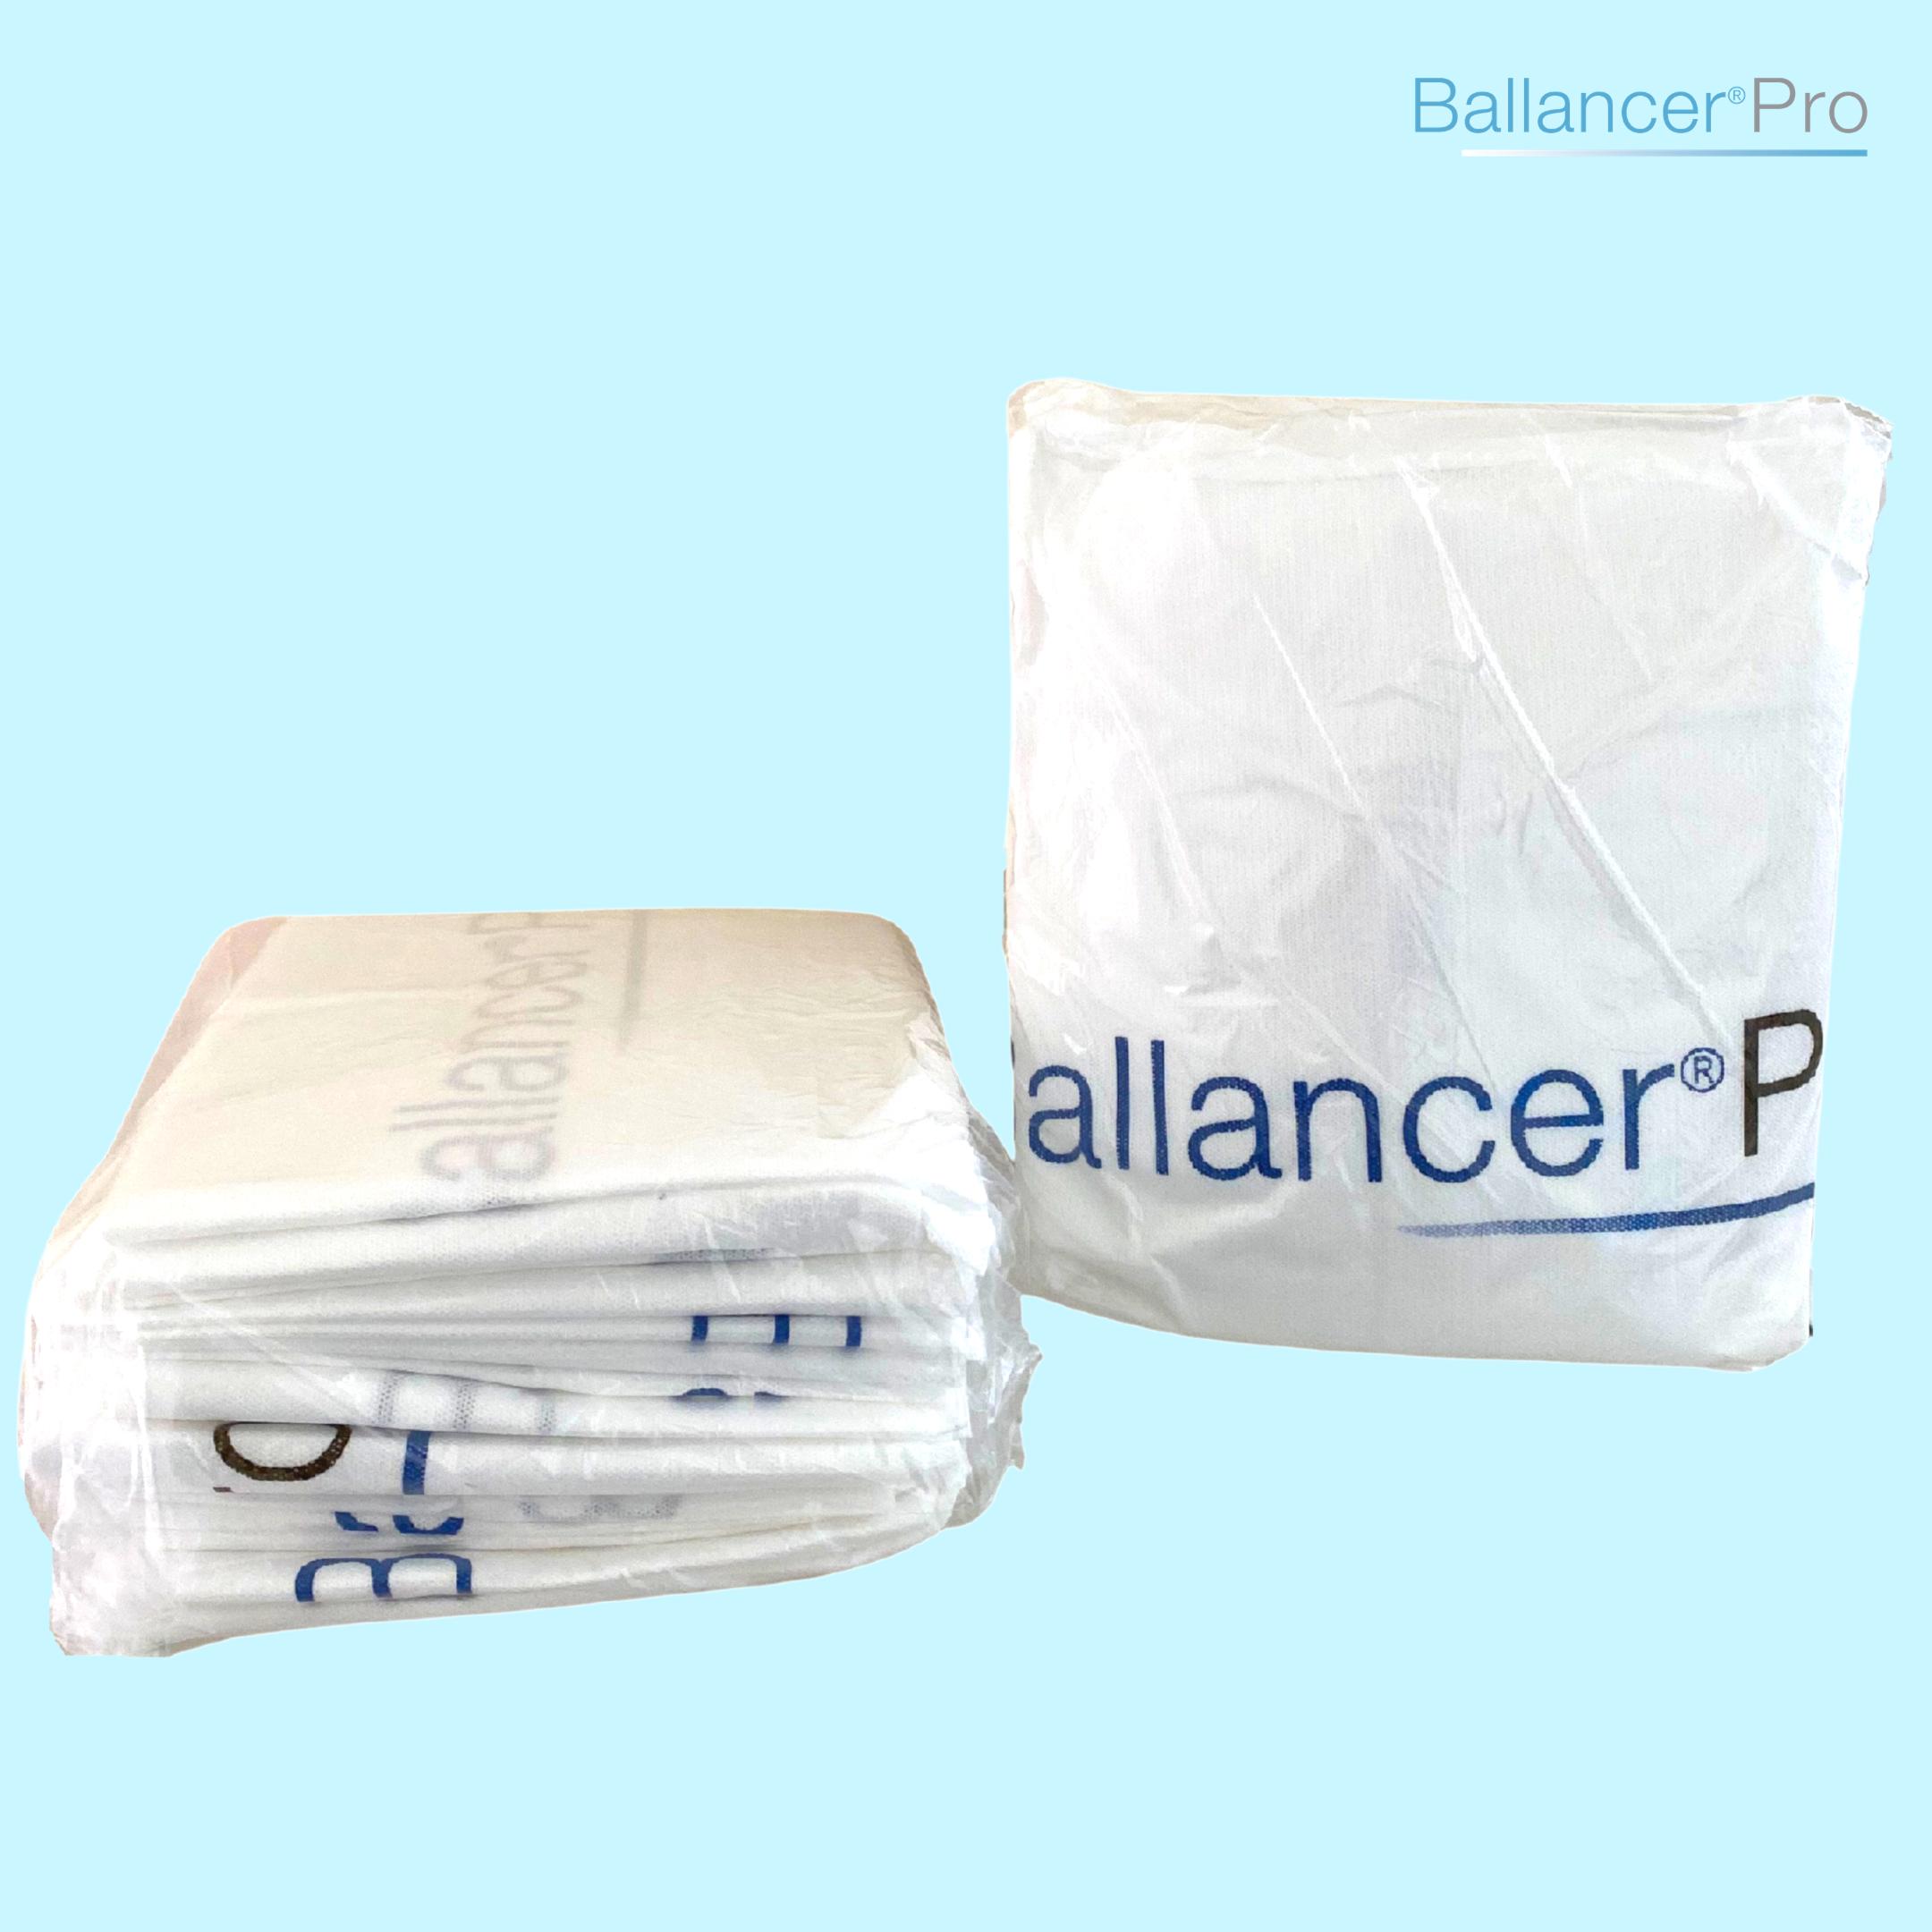 BALLANCER®PRO HYGIENIC LINER SETS VALUE PACK